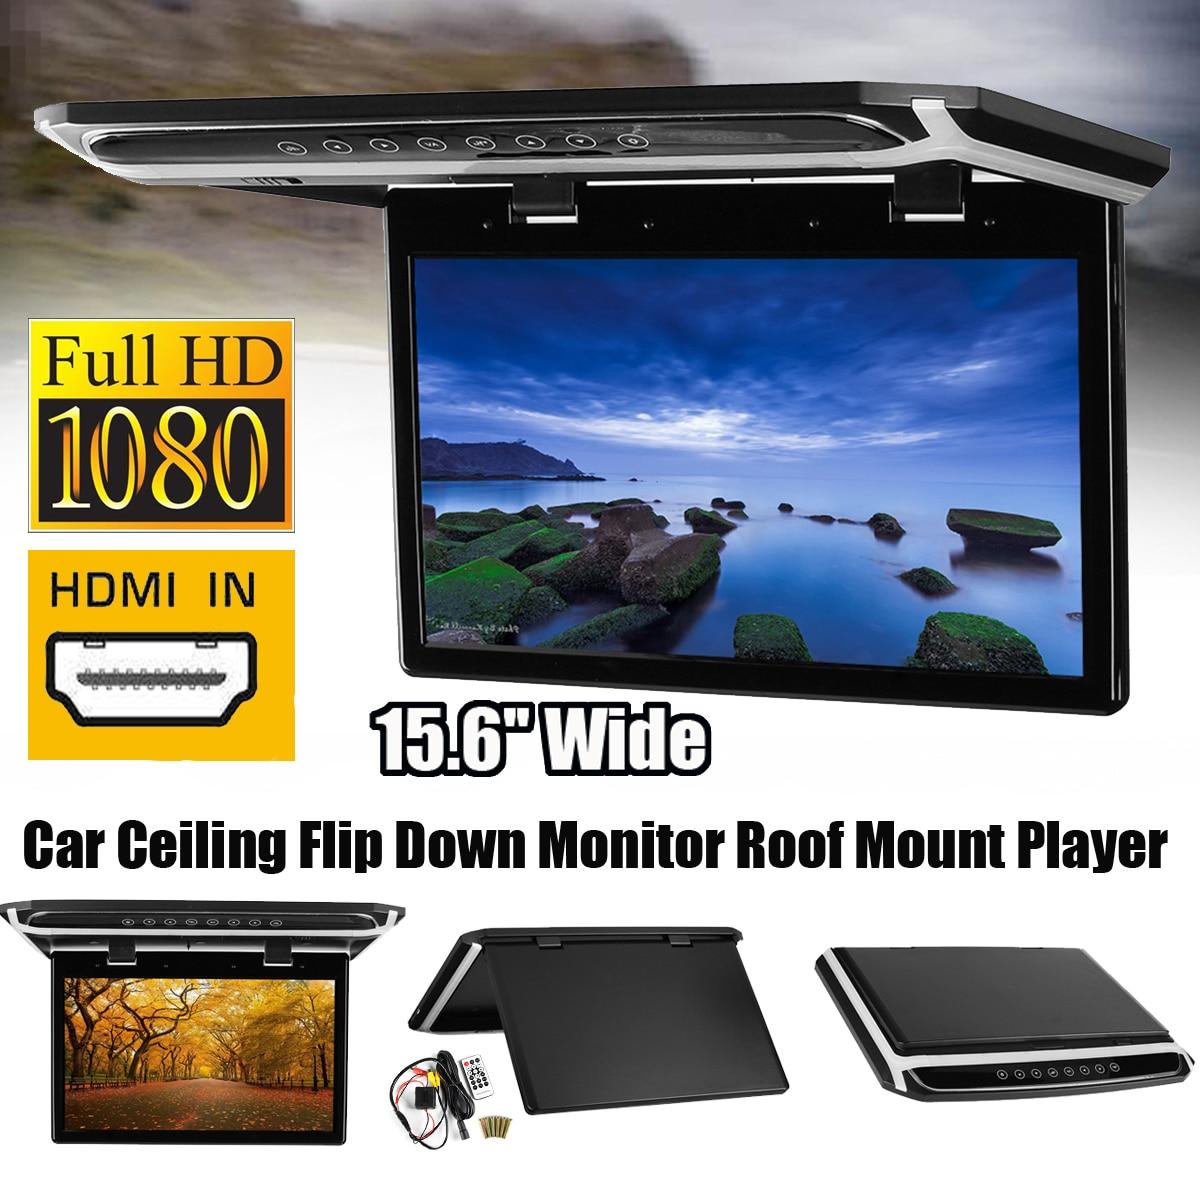 Nouveau 15.6 pouce HDMI 1080 p Voiture Toit Mount Voiture Plafond Flip TV Écran Numérique Moniteur 12 v + télécommande